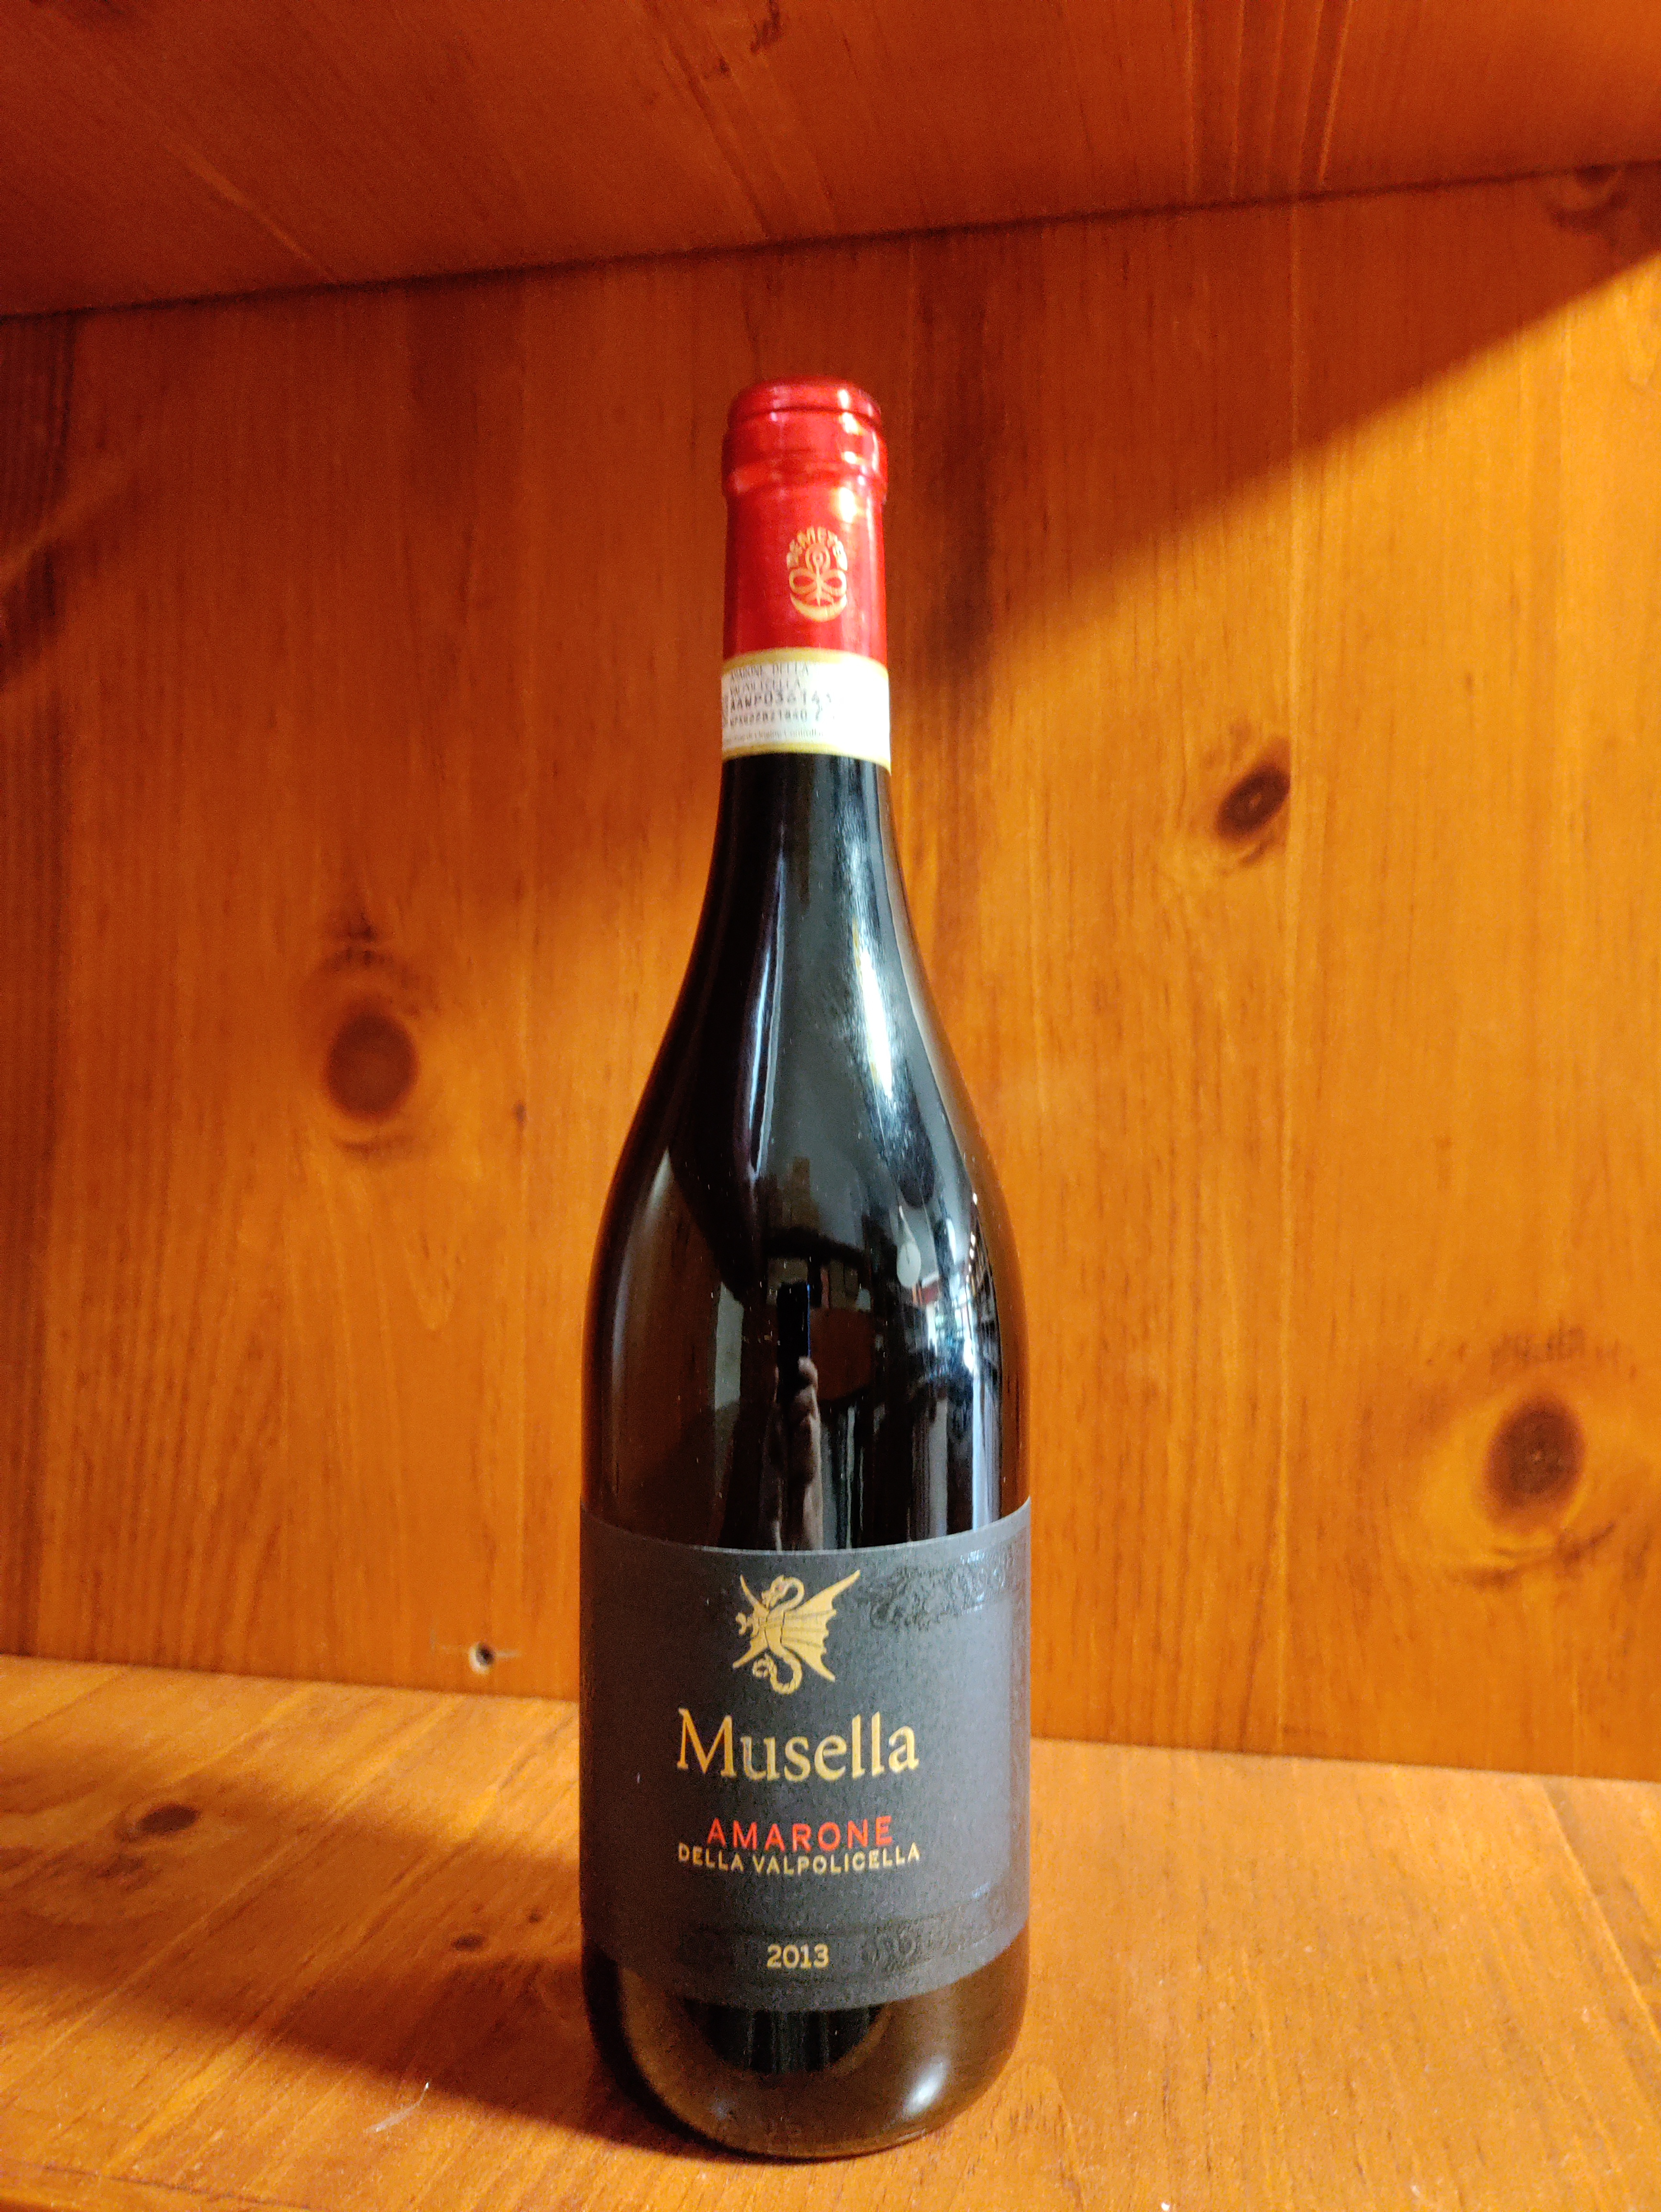 Amarone della valpolicella docg 2013 Musella cl.75